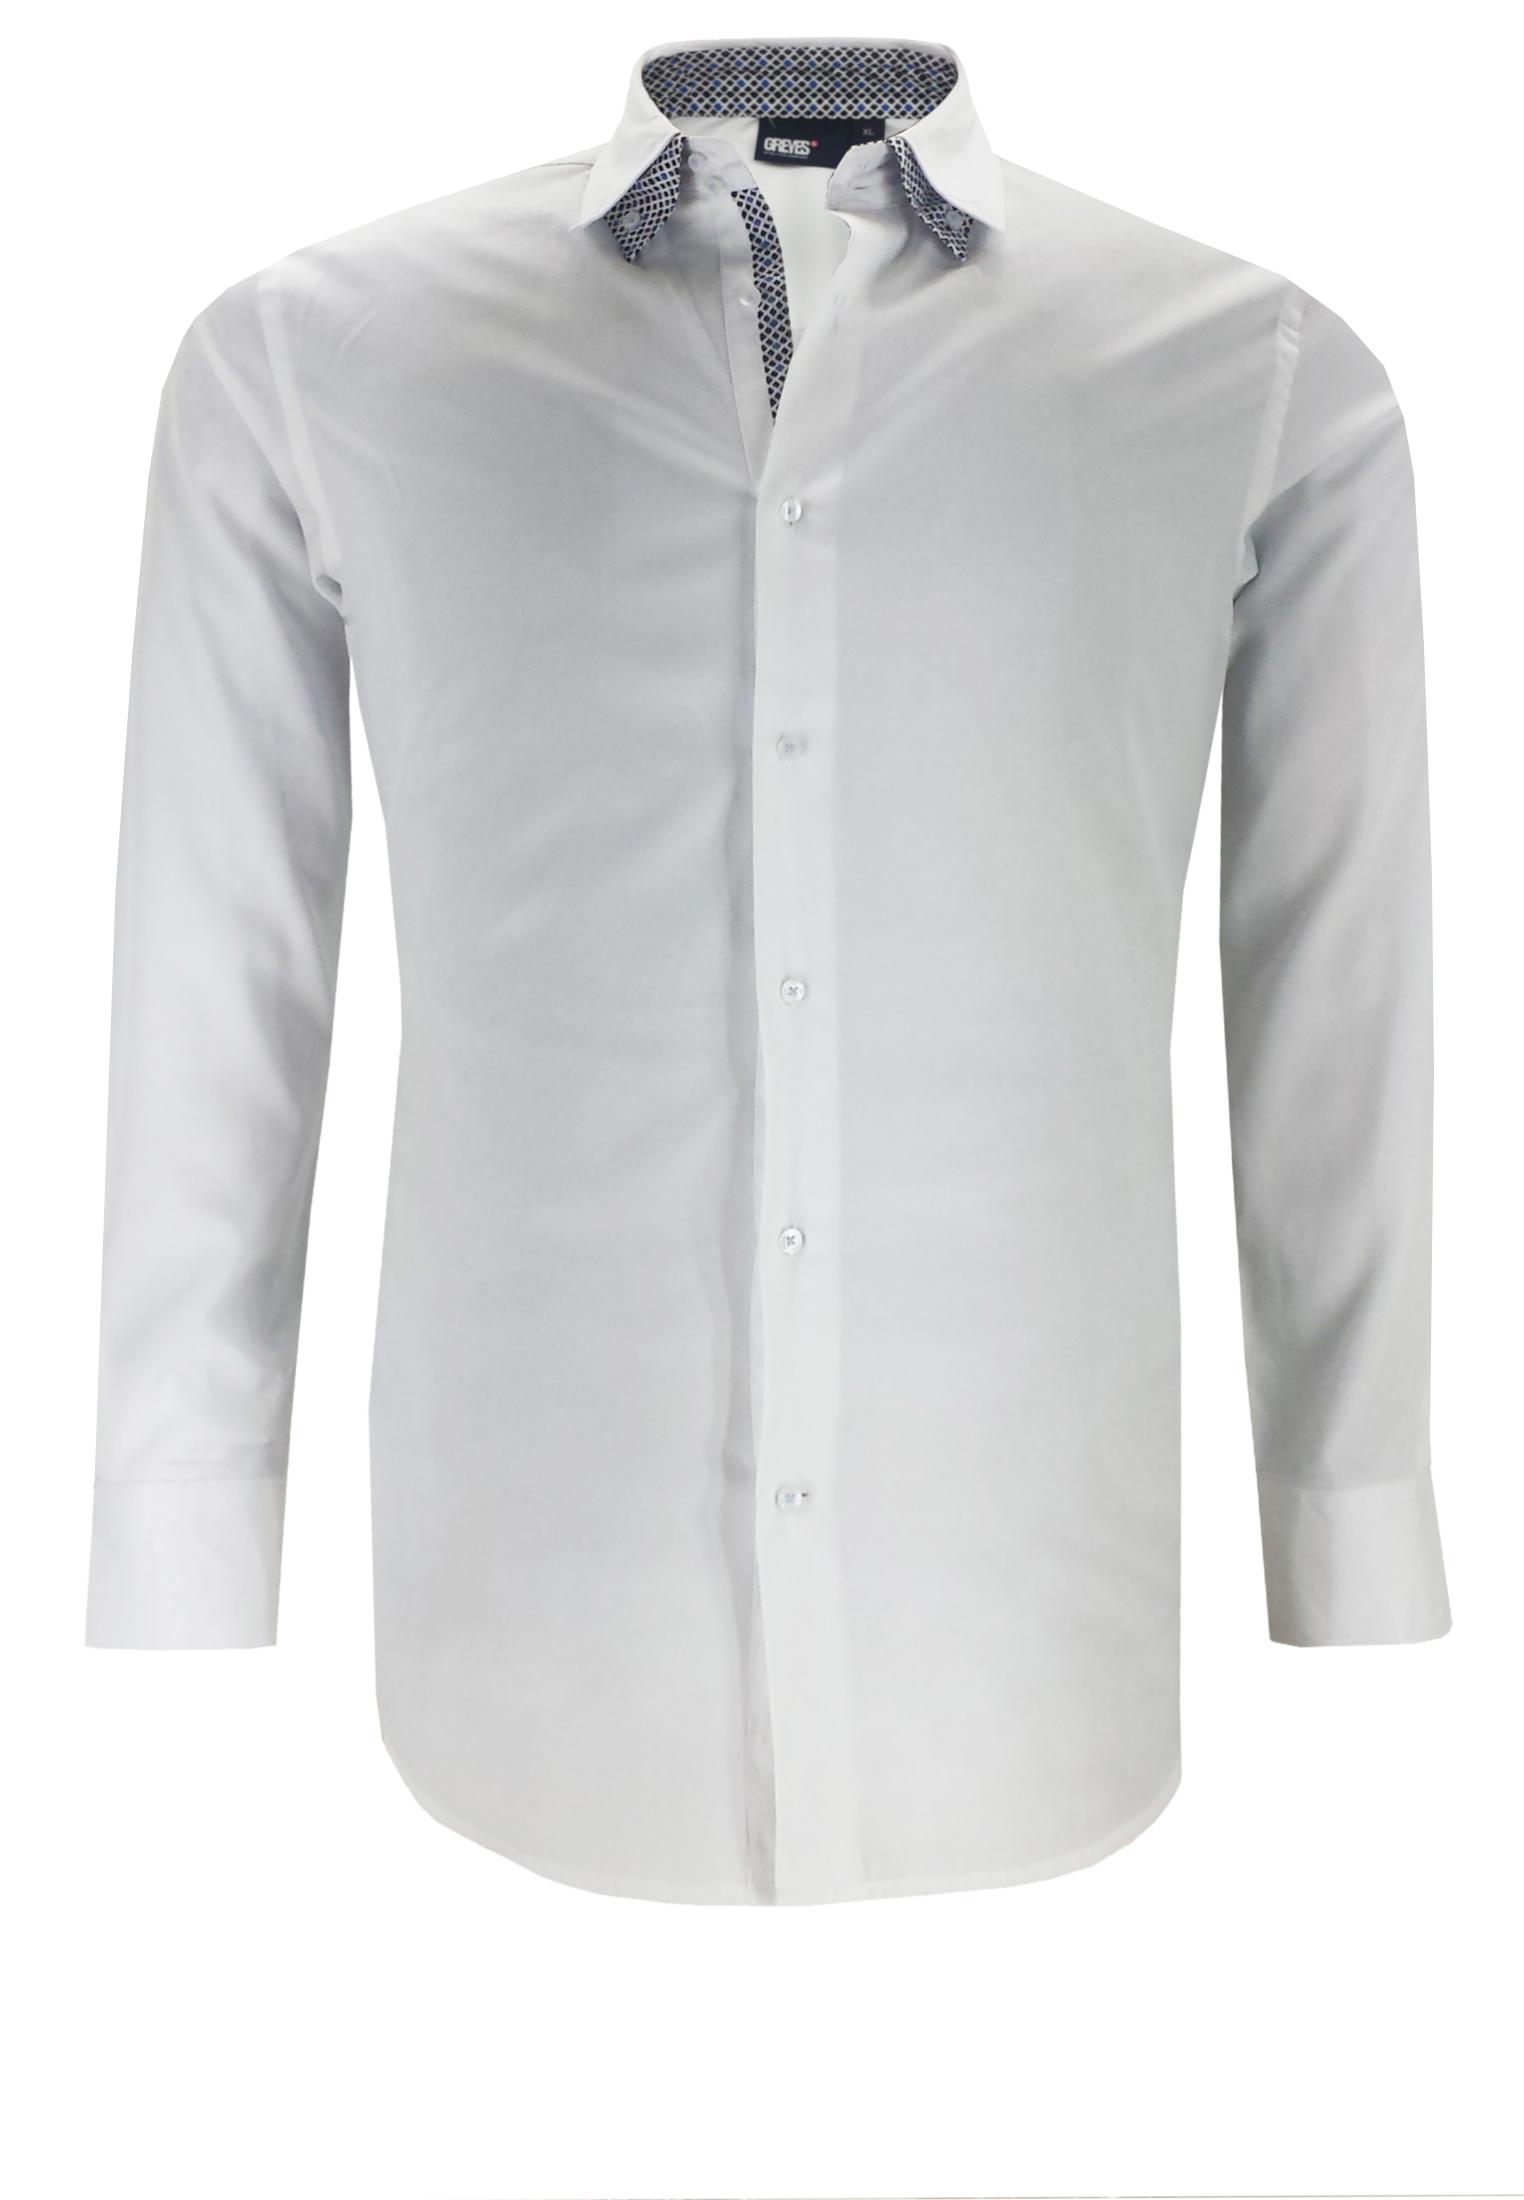 Greyes overhemd met buttondown kraag, stijlvolle contrasterende elementen aan de binnenkraag en de knooplijst en contrasterende stiksel bij de knoopjes.